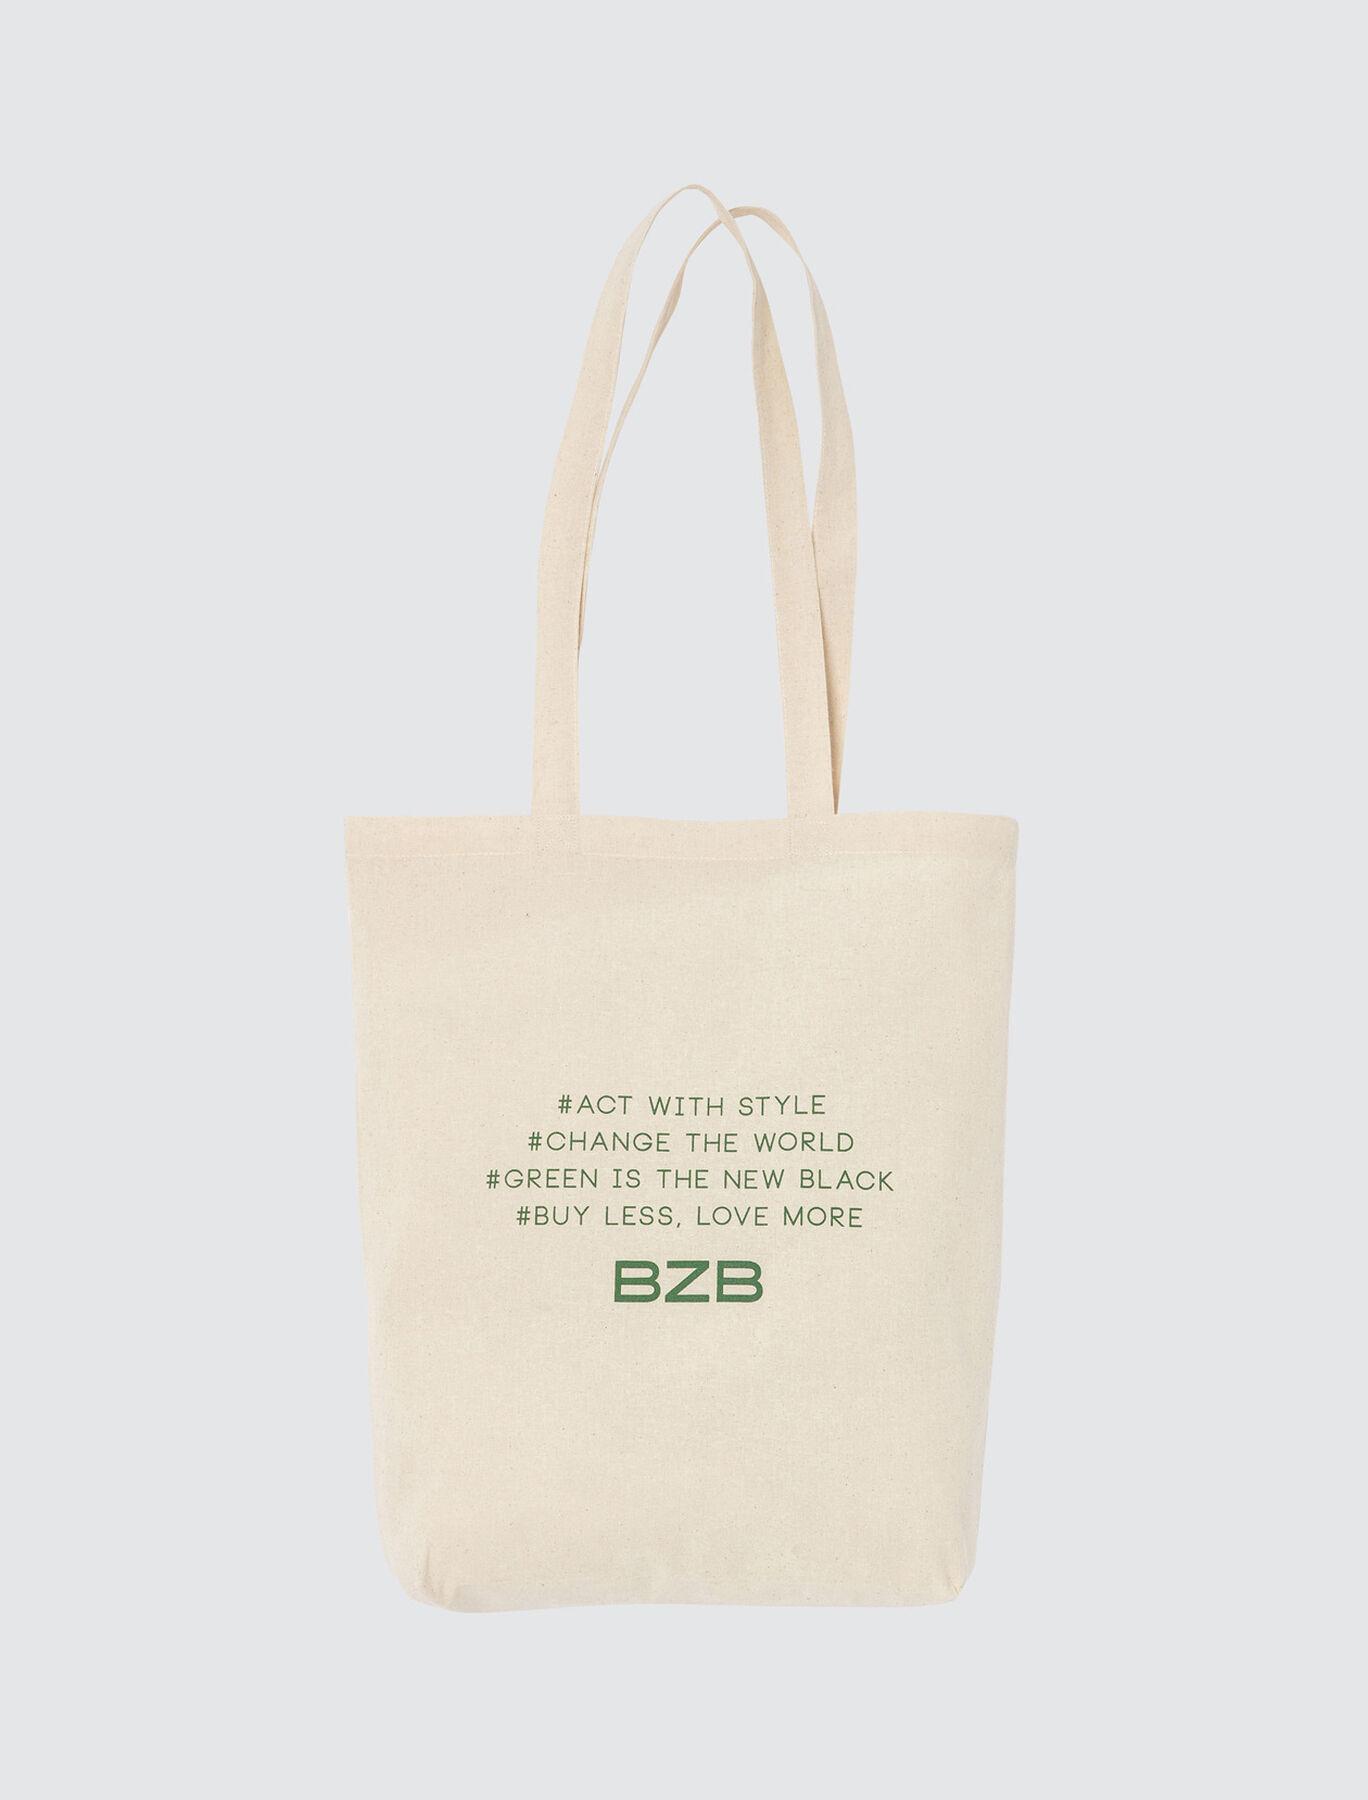 Tote bag #act for style moyen modèle